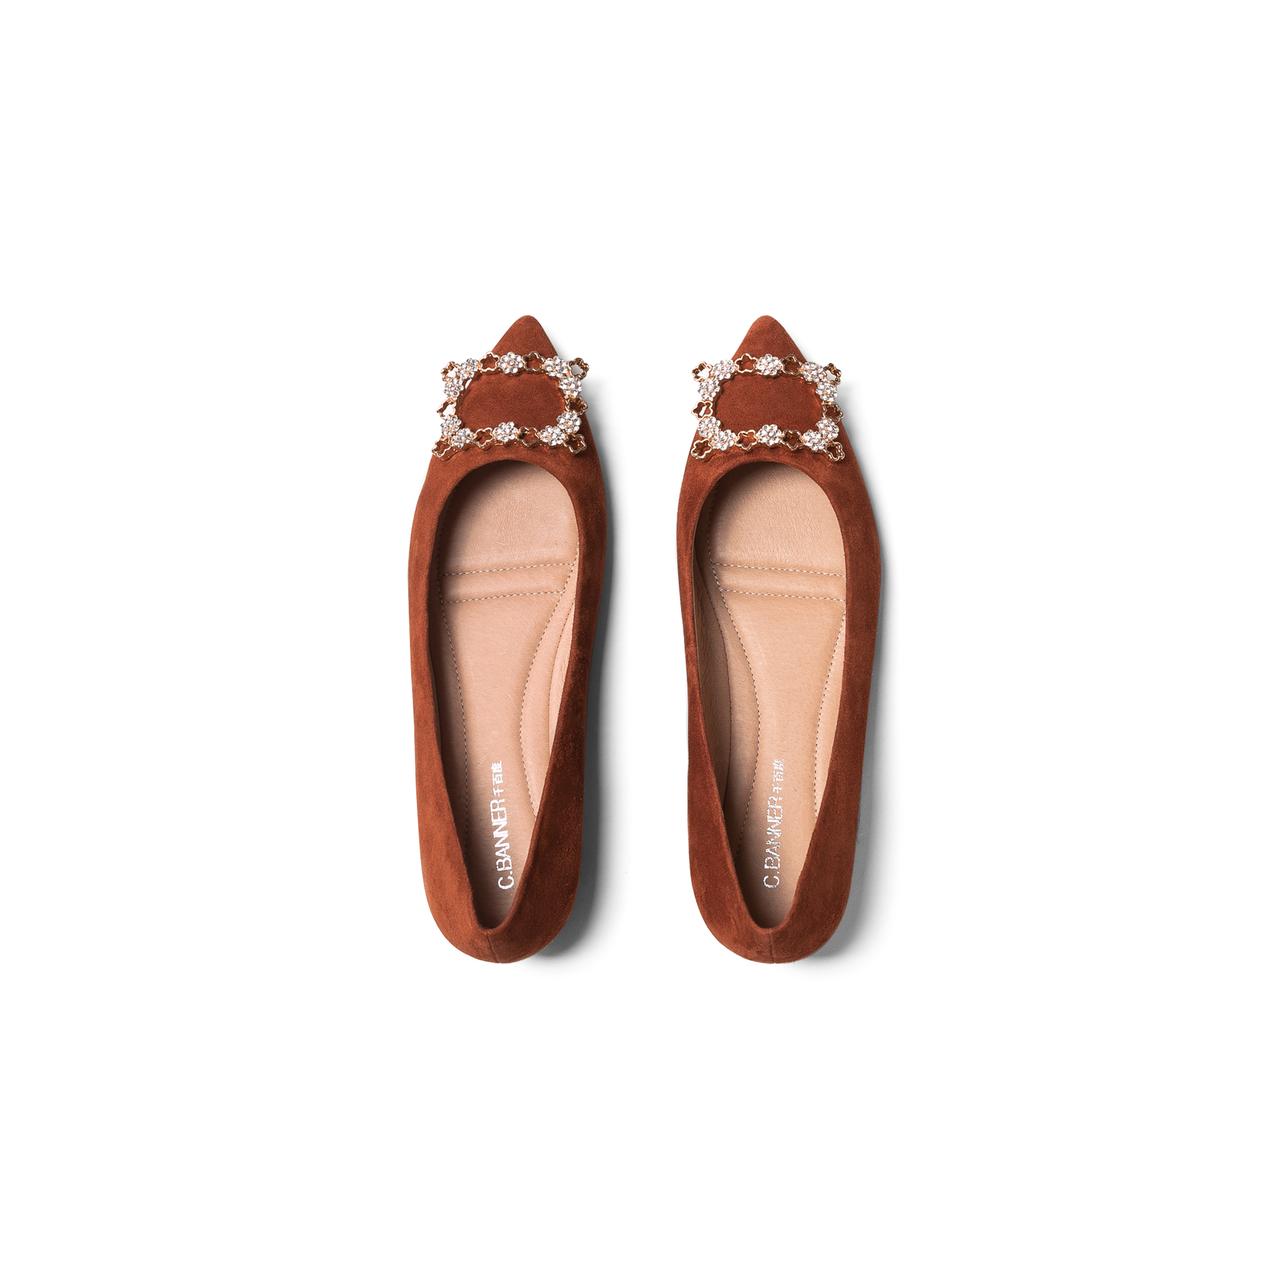 新款鞋子方钻舒适气质休闲单鞋 2020 千百度女鞋小香风尖头平底鞋